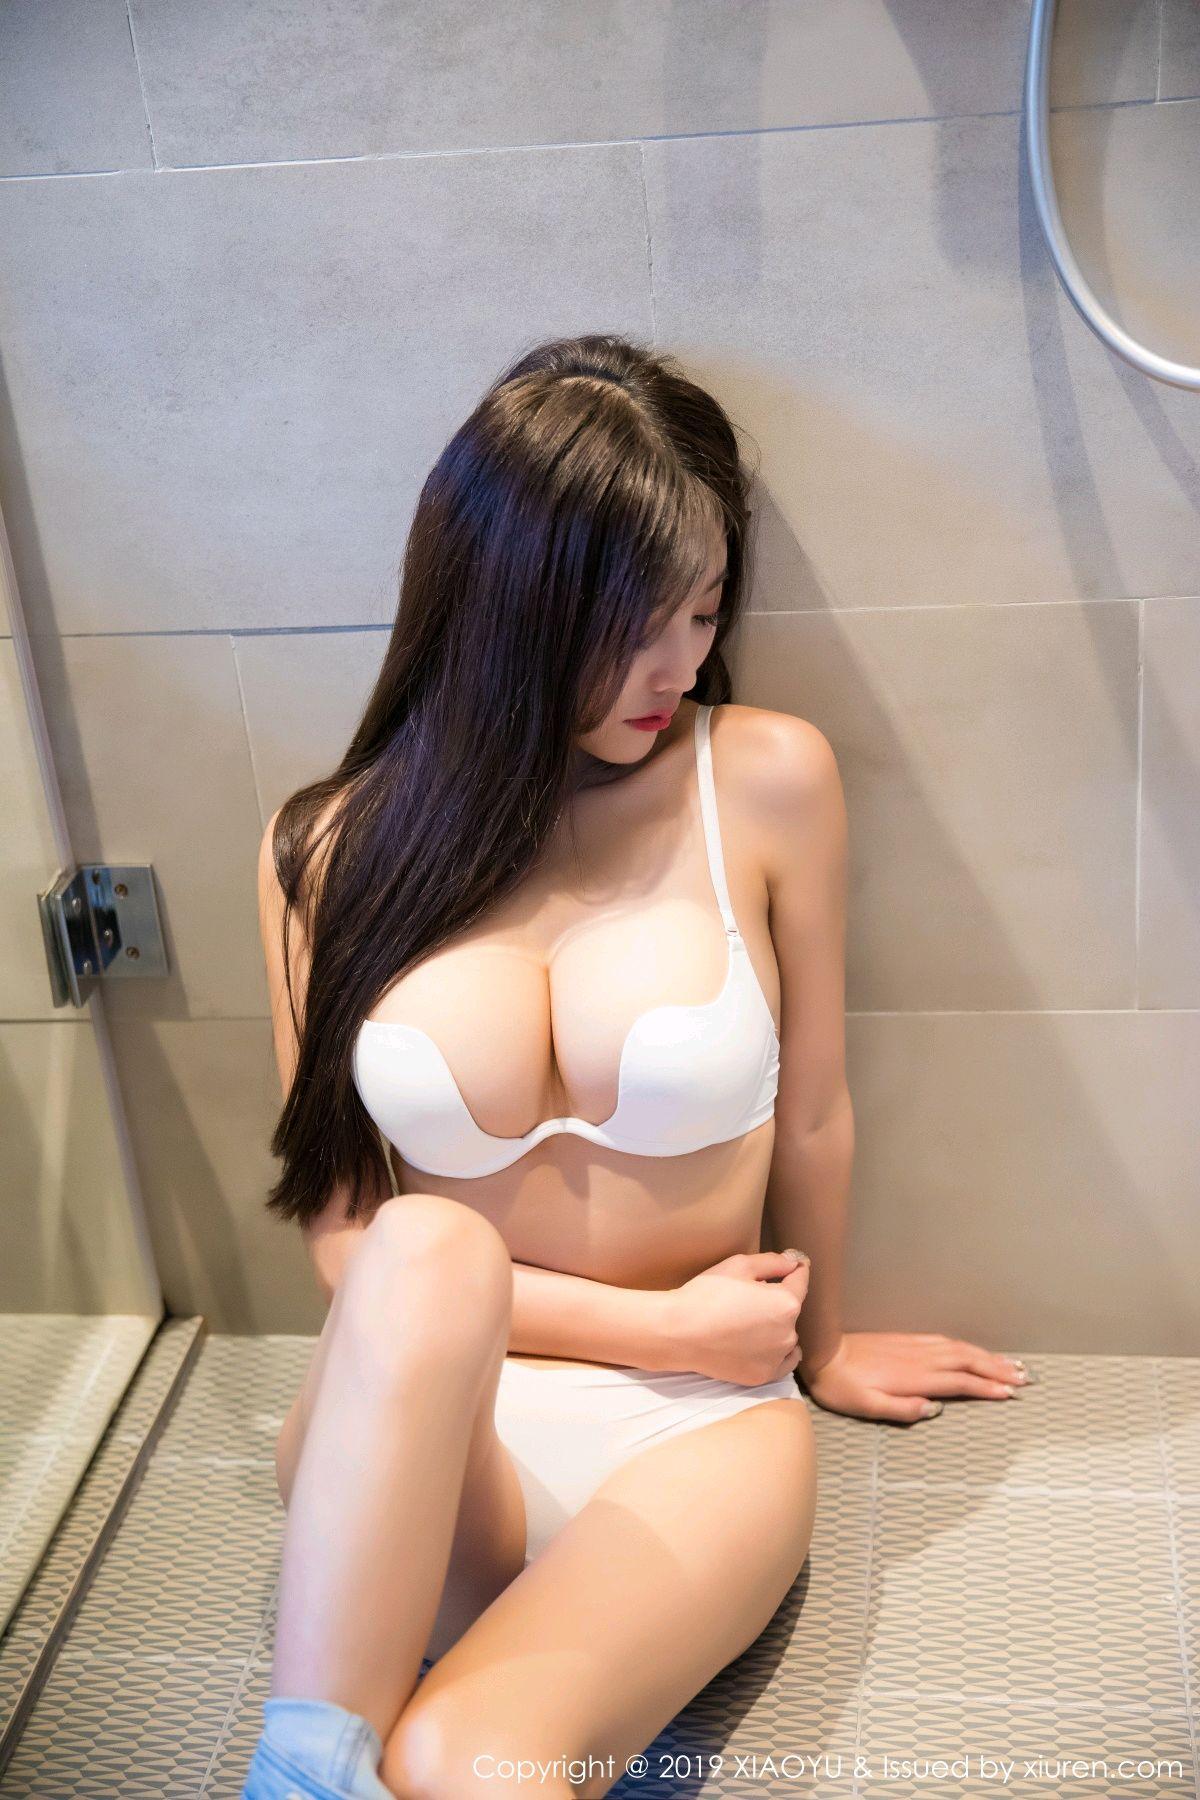 [XiaoYu] Vol.109 Yang Chen Chen 27P, Underwear, XiaoYu, Yang Chen Chen